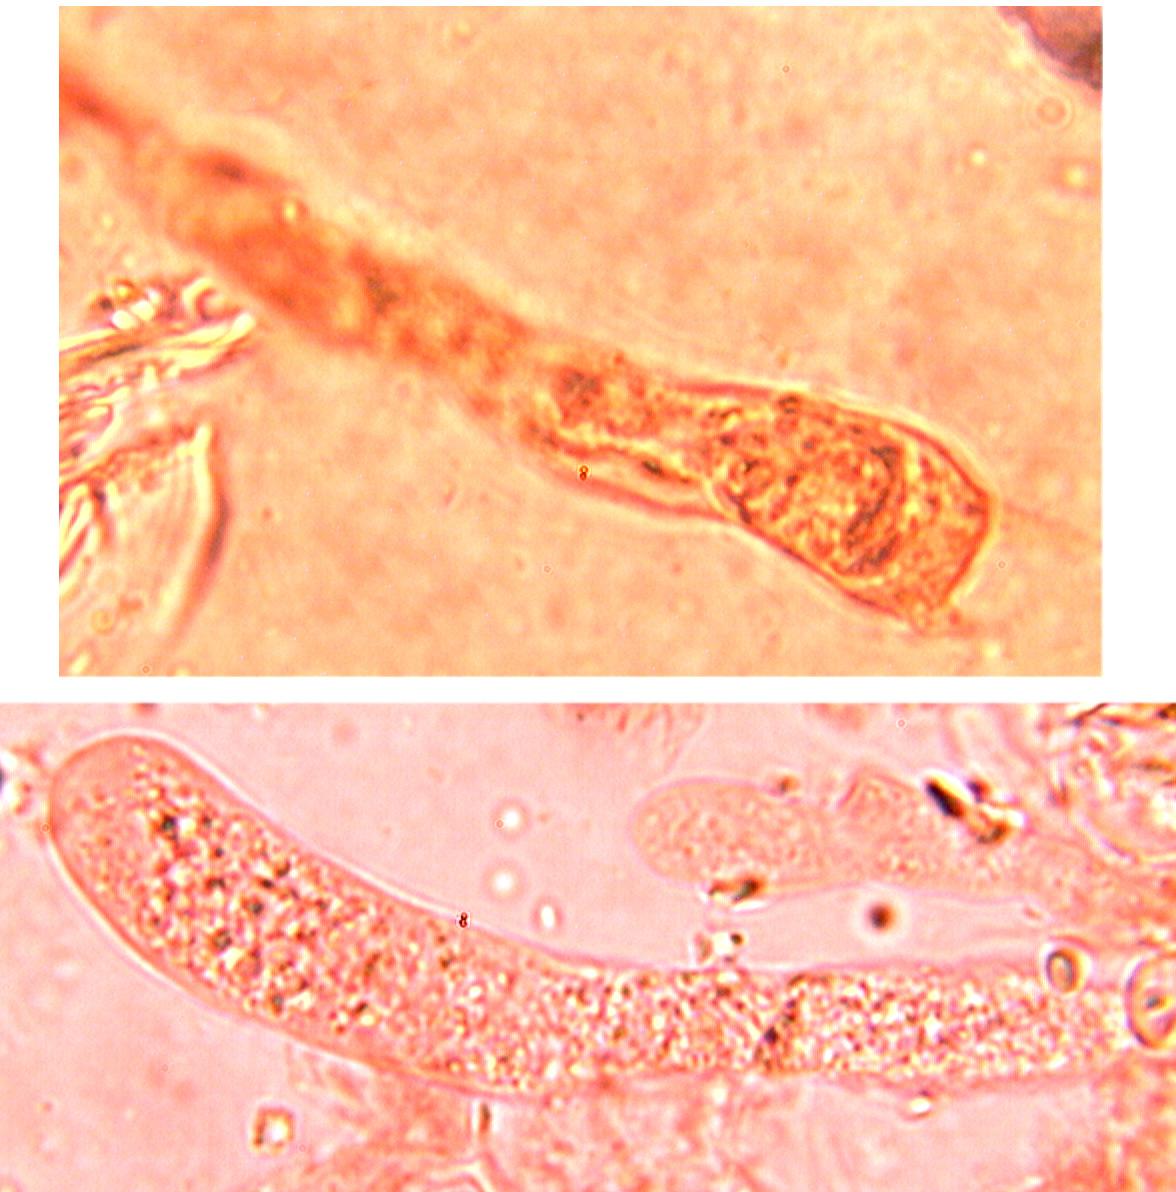 Basides clavées, sinueuses à 4 stérigmates et boucle basale et nombreuses inclusions huileuses.